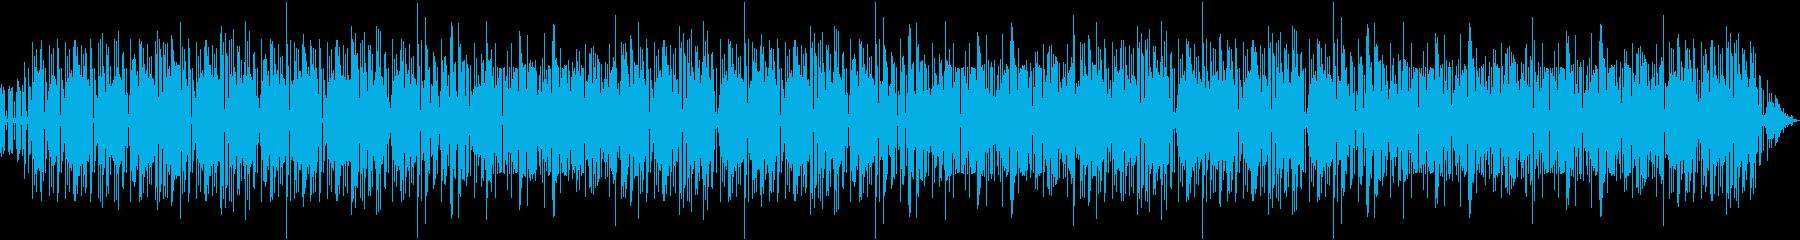 かっこよくて独特なテンポのメロディーの再生済みの波形